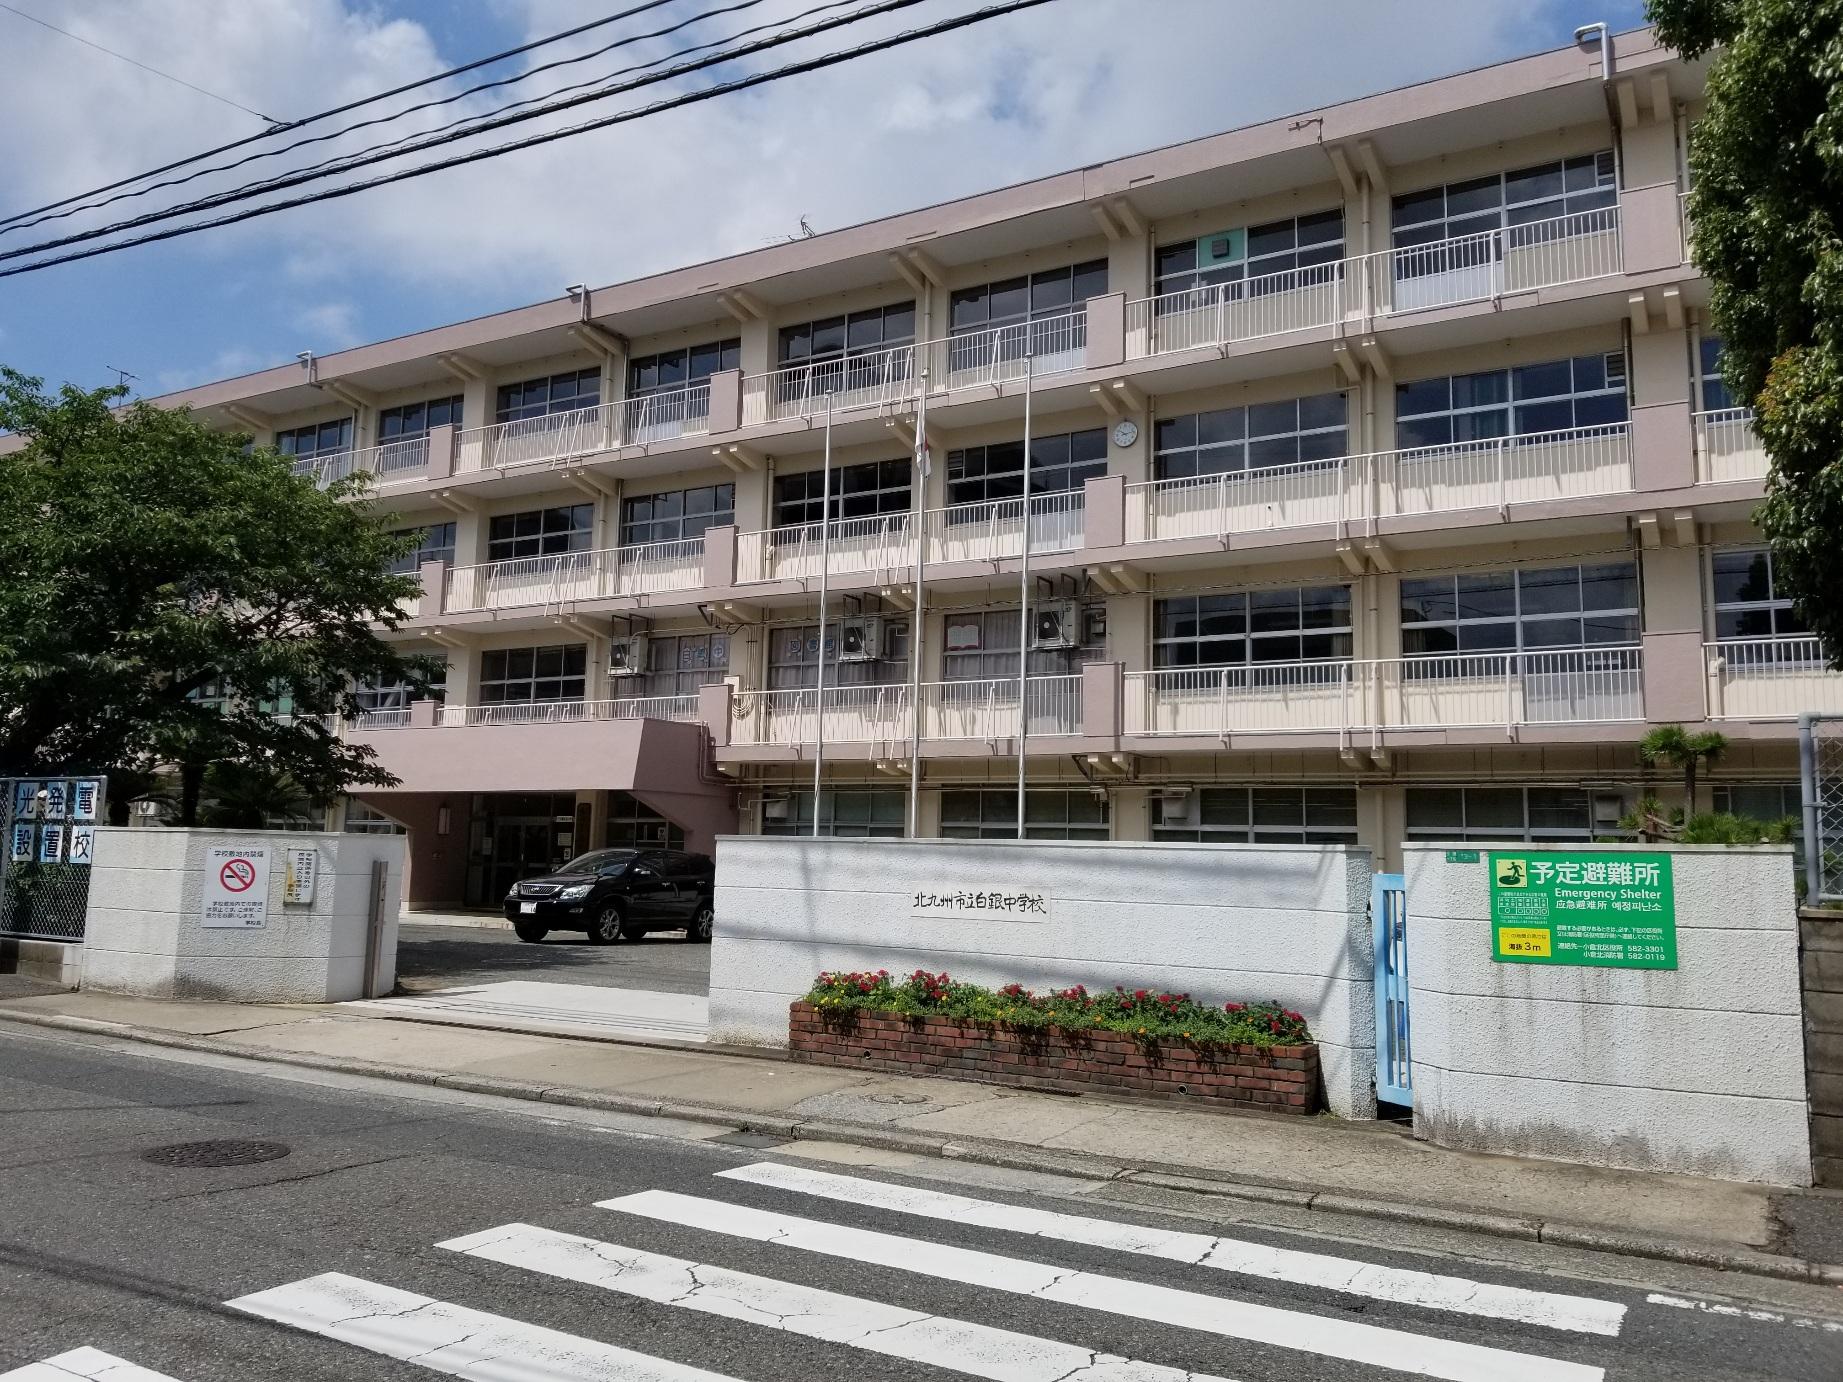 中学校:北九州市立白銀中学校 1050m